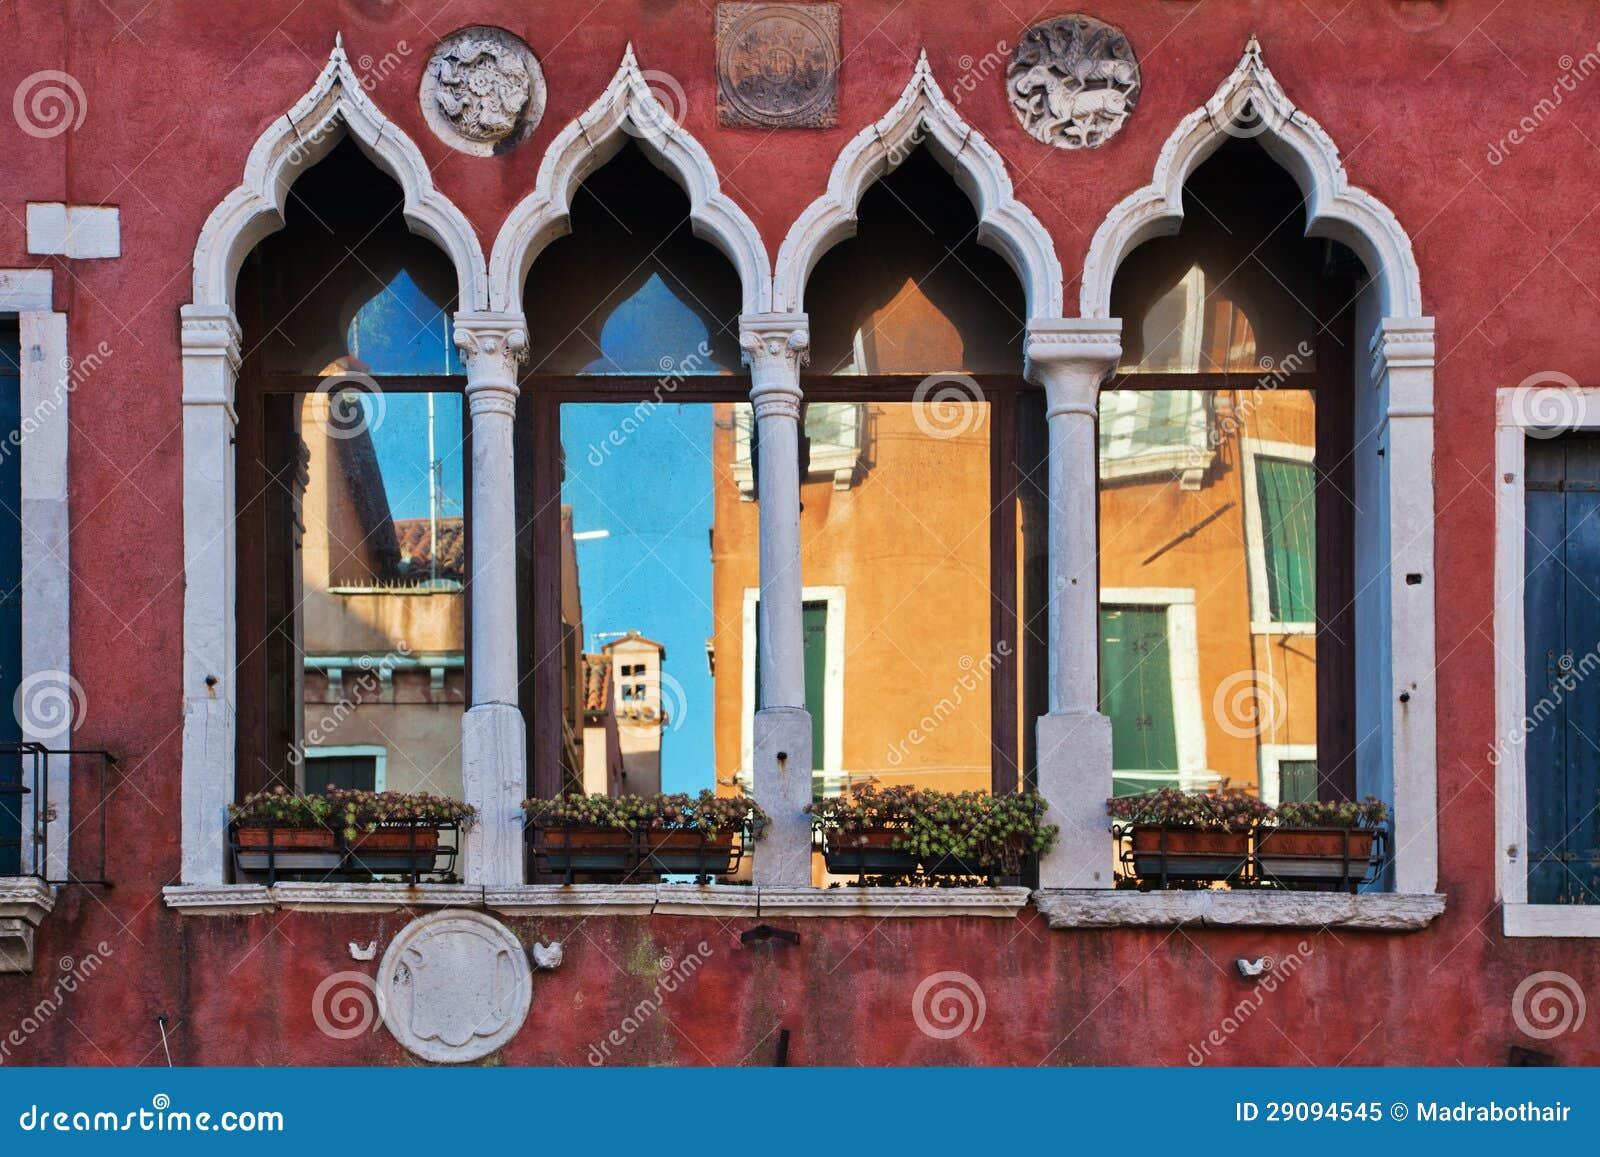 Finestre veneziane caratteristiche fotografia stock libera - Veneziane per finestre prezzi ...